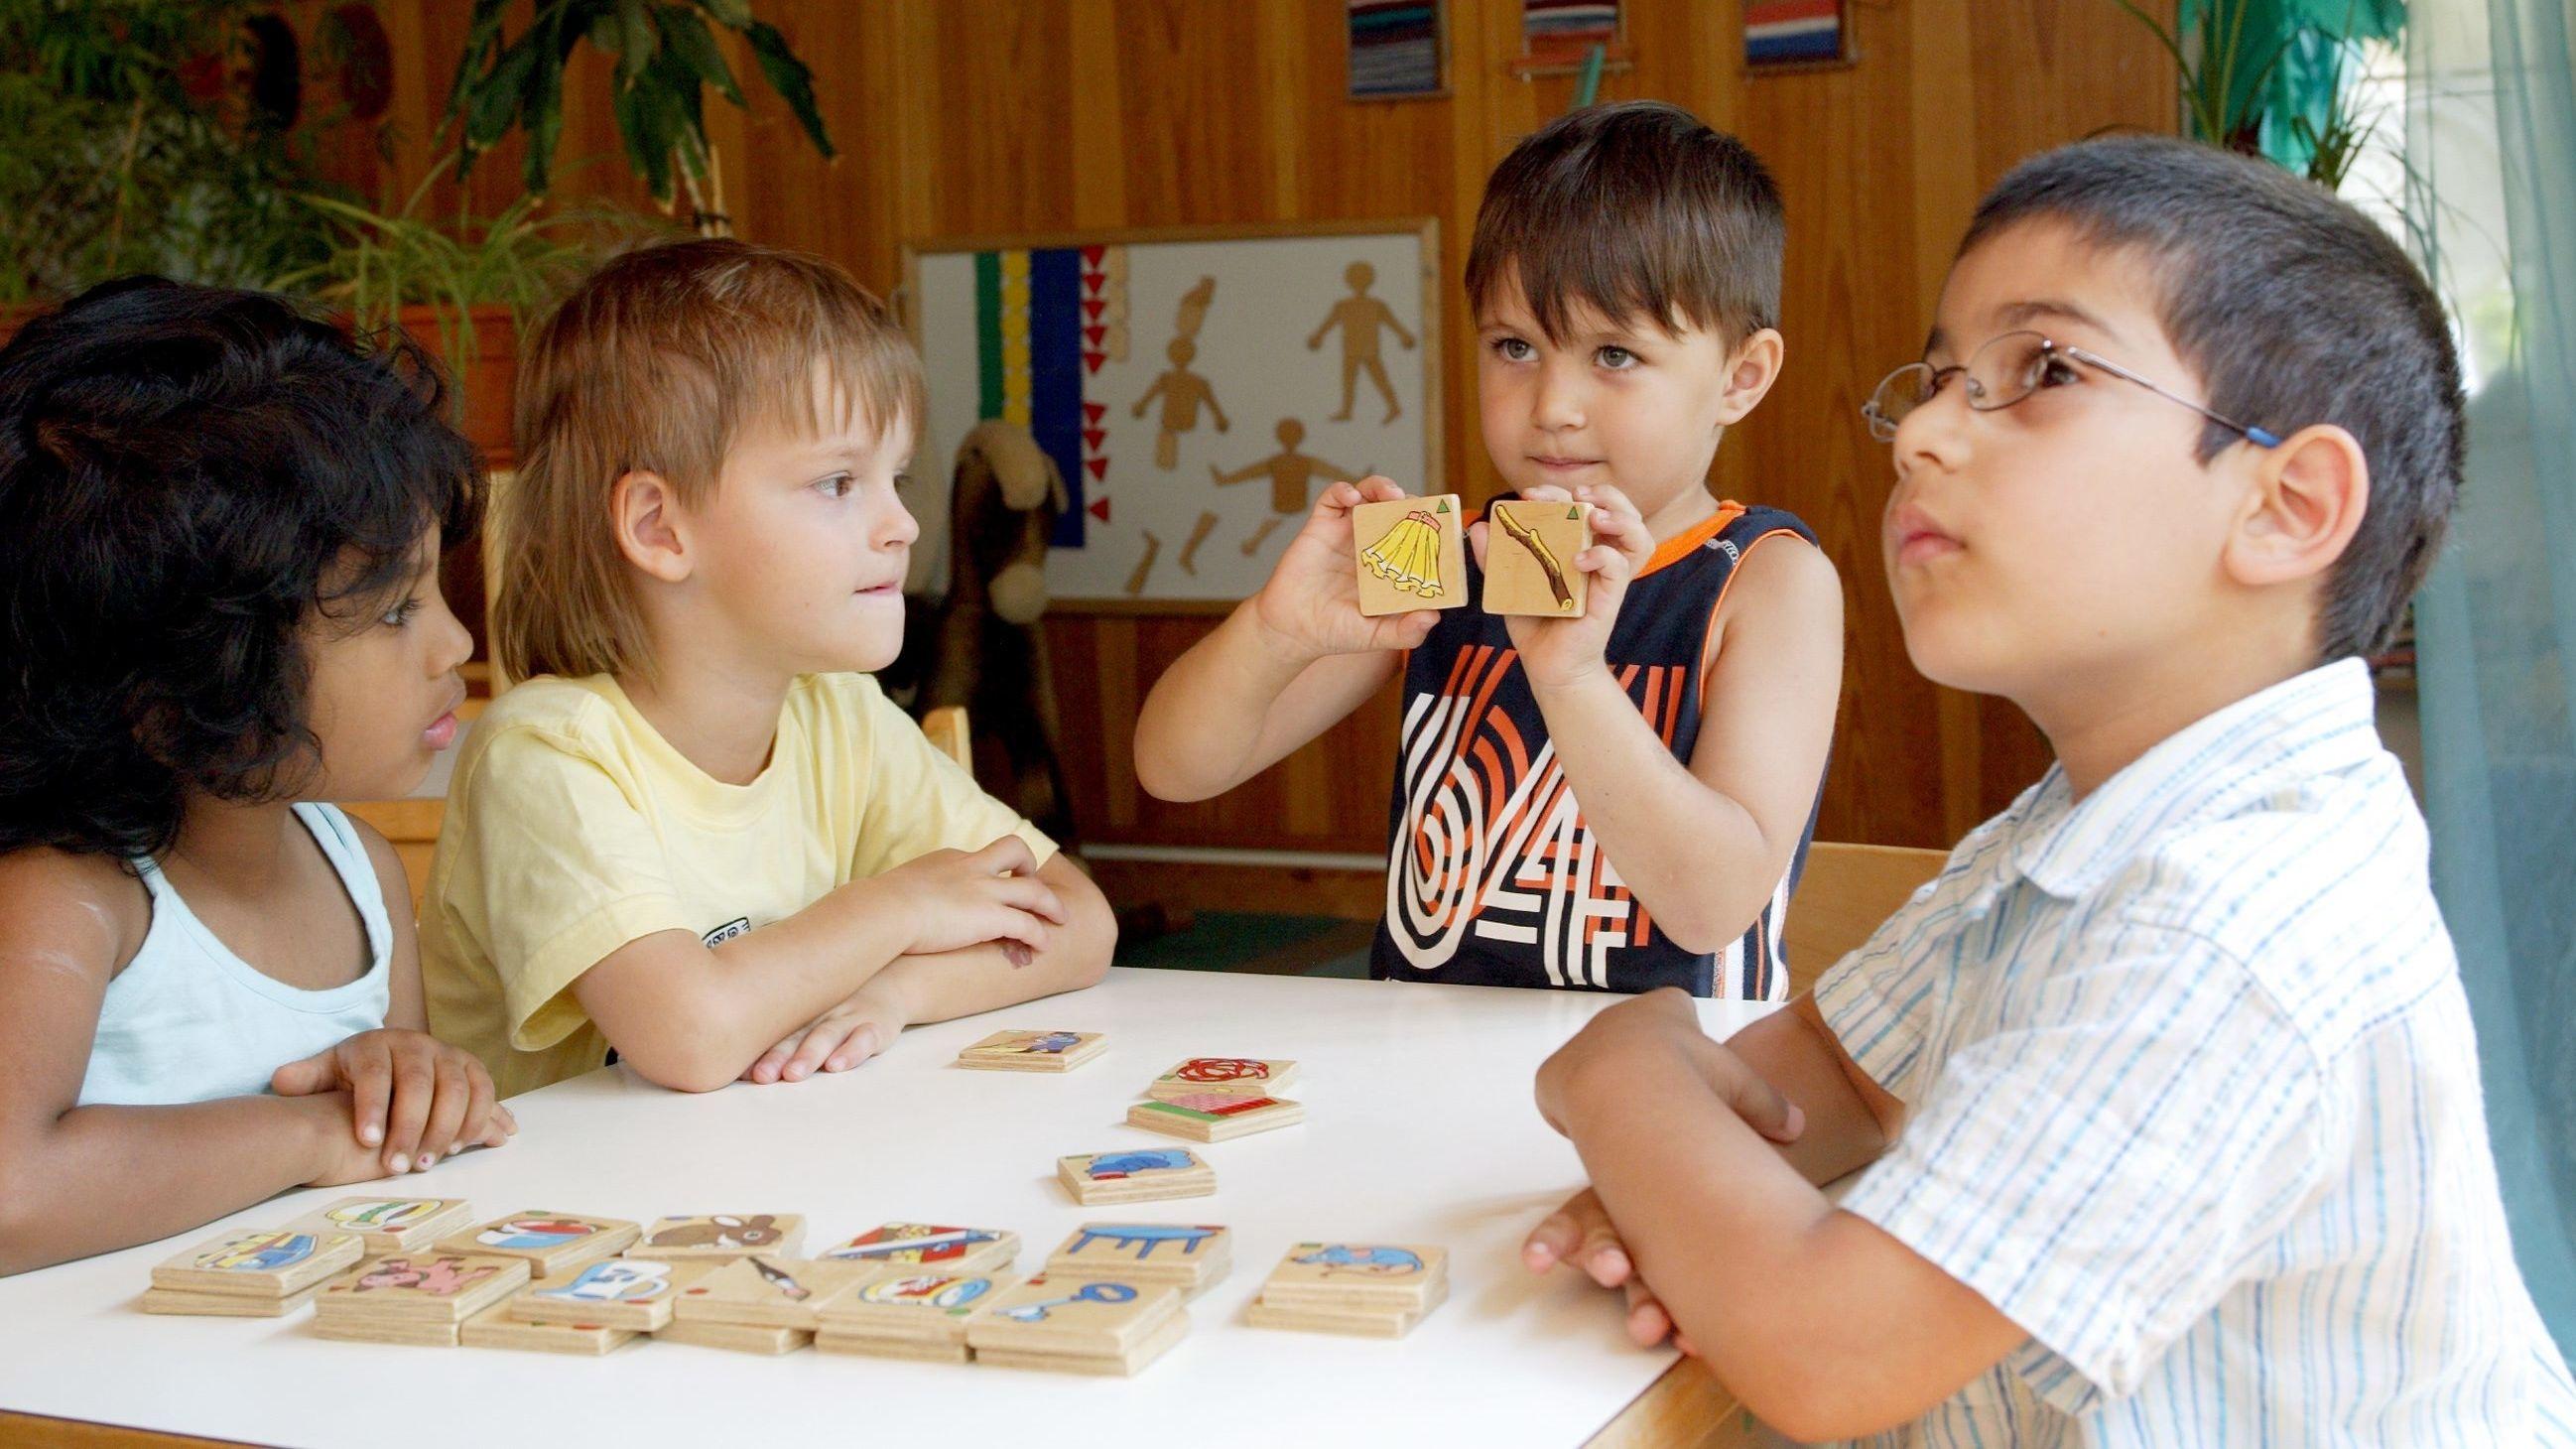 Sprachförderung in einer Kindertagesstätte